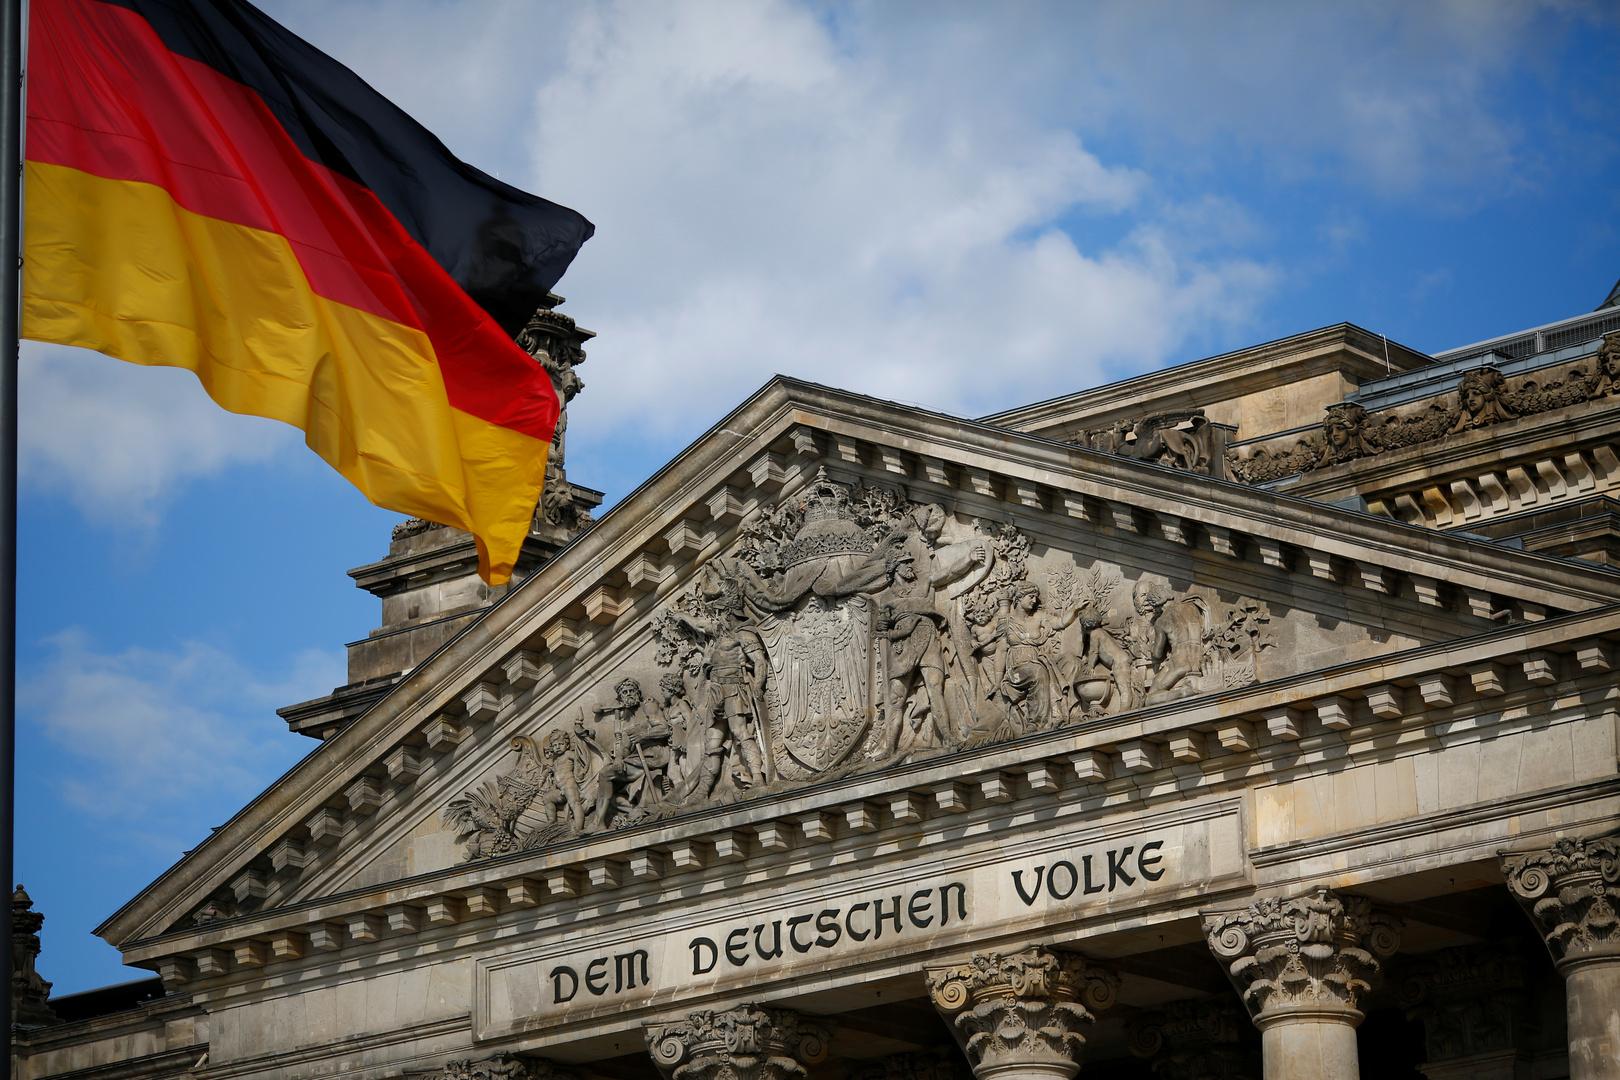 ألمانيا تشدد قواعد السفر للقادمين من إسبانيا وهولندا بسبب كورونا